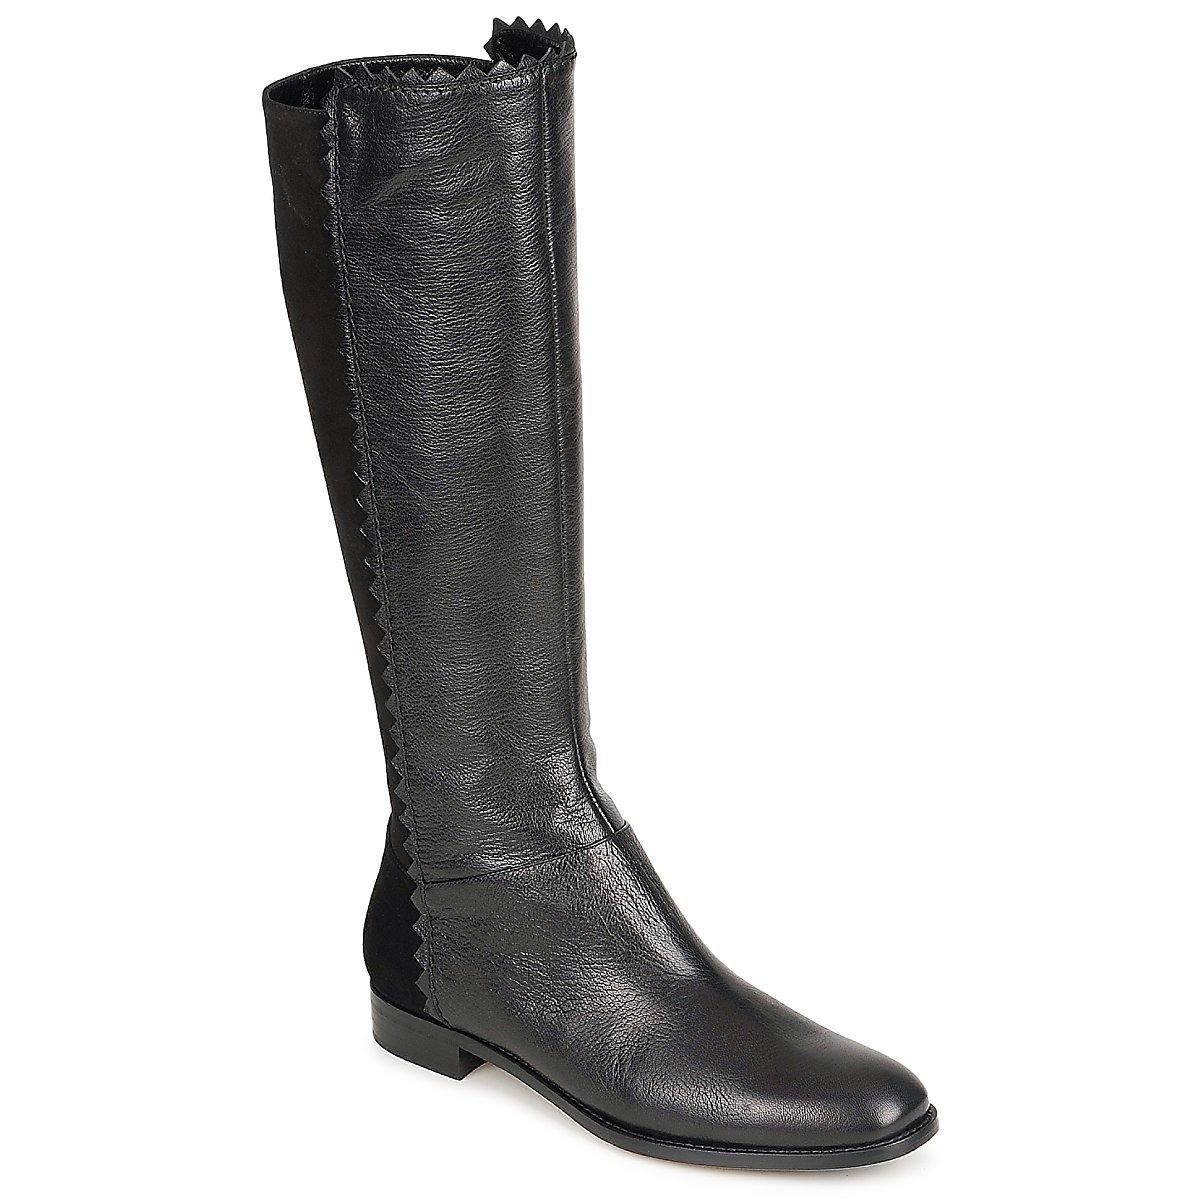 Moschino Cheap & CHIC CA2612 Schwarz - Kostenloser Versand bei Spartoode ! - Schuhe Klassische Stiefel Damen 324,50 €